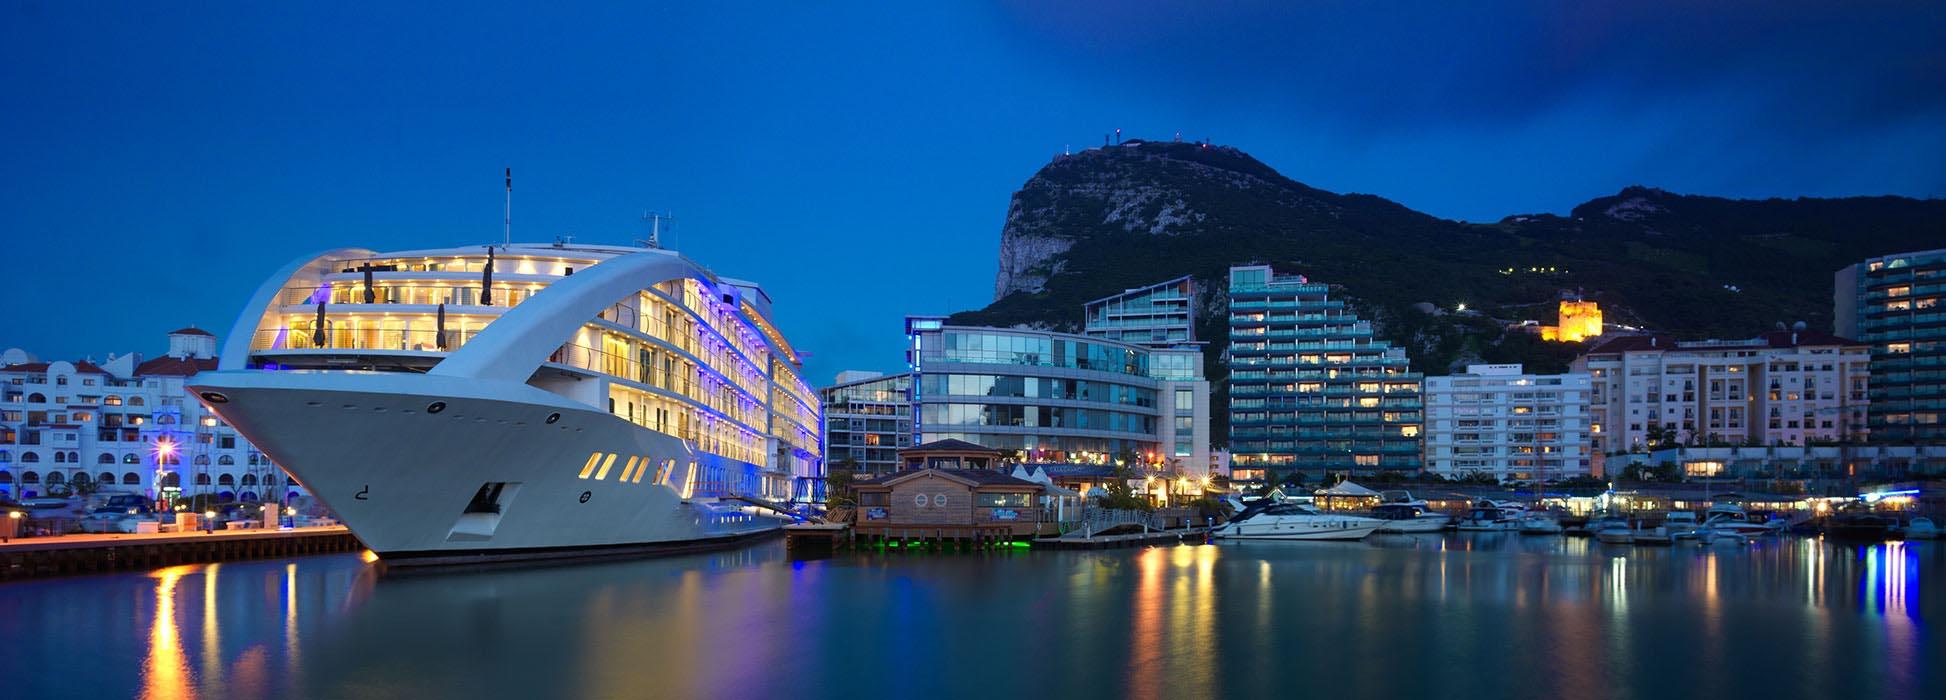 Sunborn Gibraltar Floating Hotel